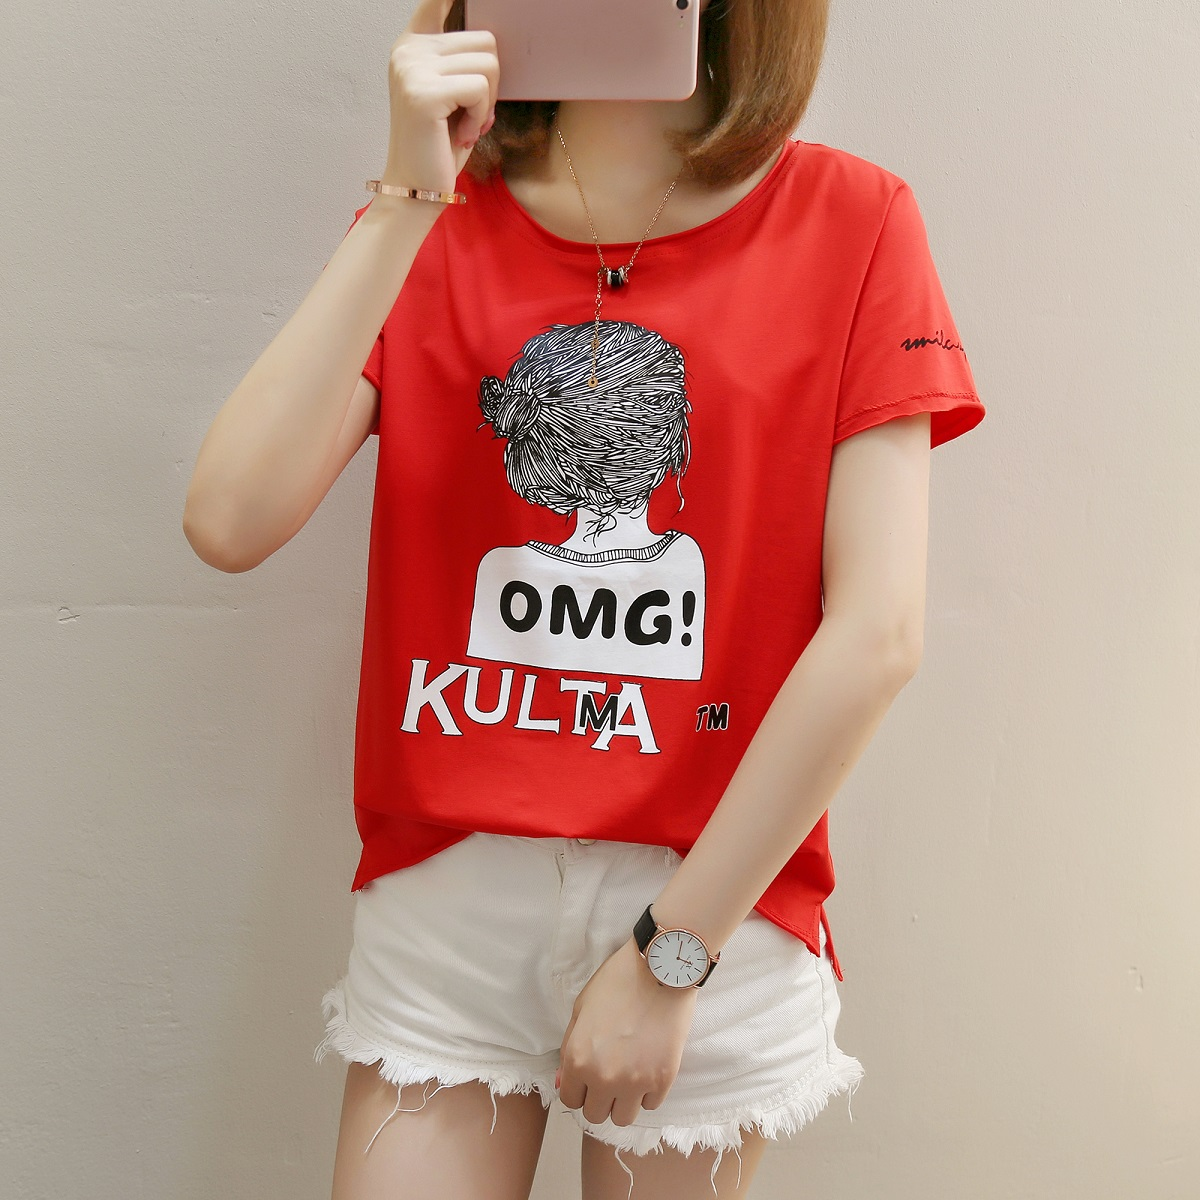 夏装女装韩版少女可爱卡通印花宽松短袖T恤港风上衣学生中袖体恤